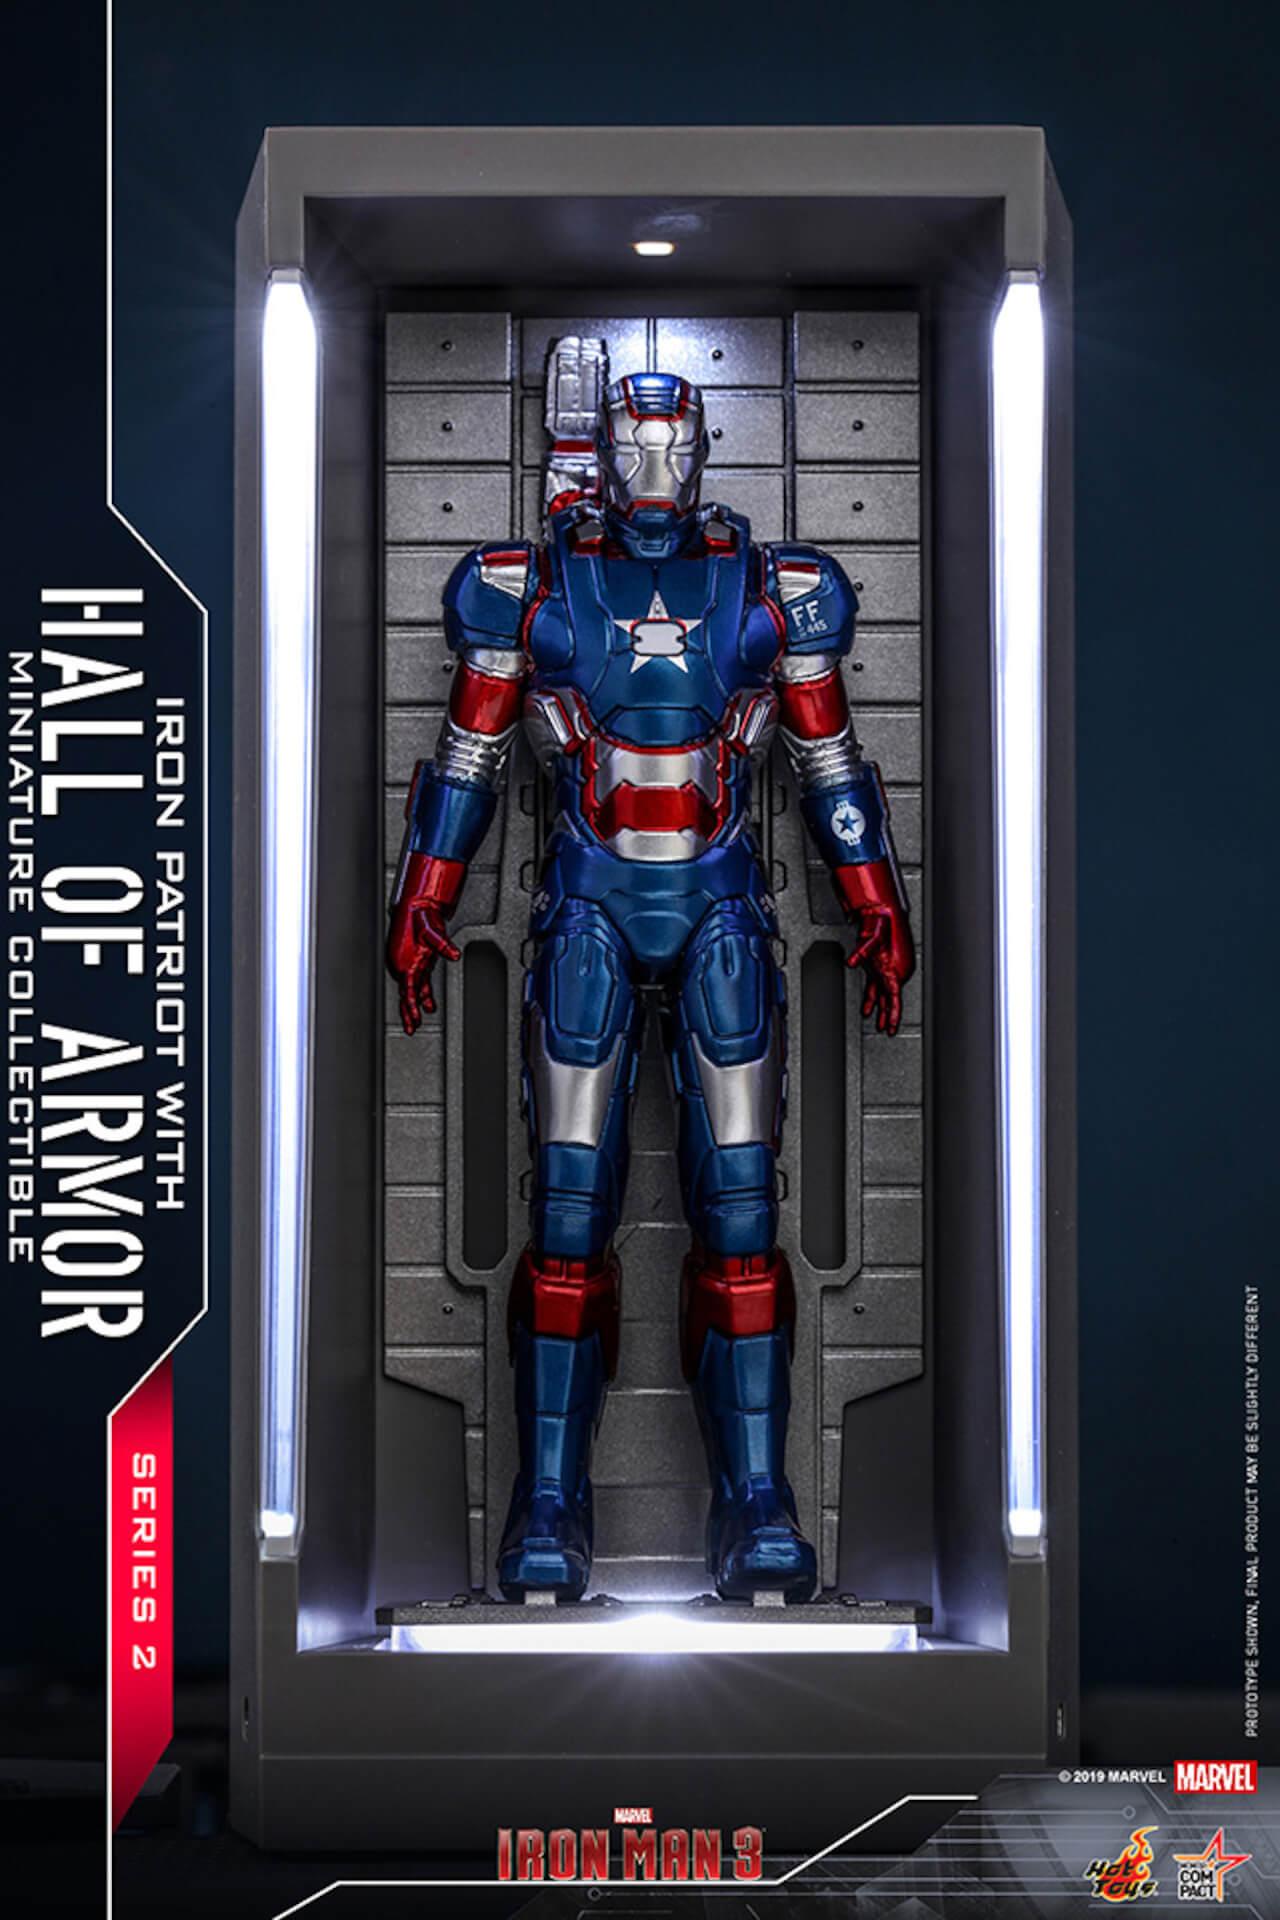 『アイアンマン3』に登場するアーマーが手のひらサイズに!ホットトイズからアイアンマンのミニチュアシリーズ2がホール・オブ・アーマー付き6体セットで発売! ac200124_hottoys_ironman_08